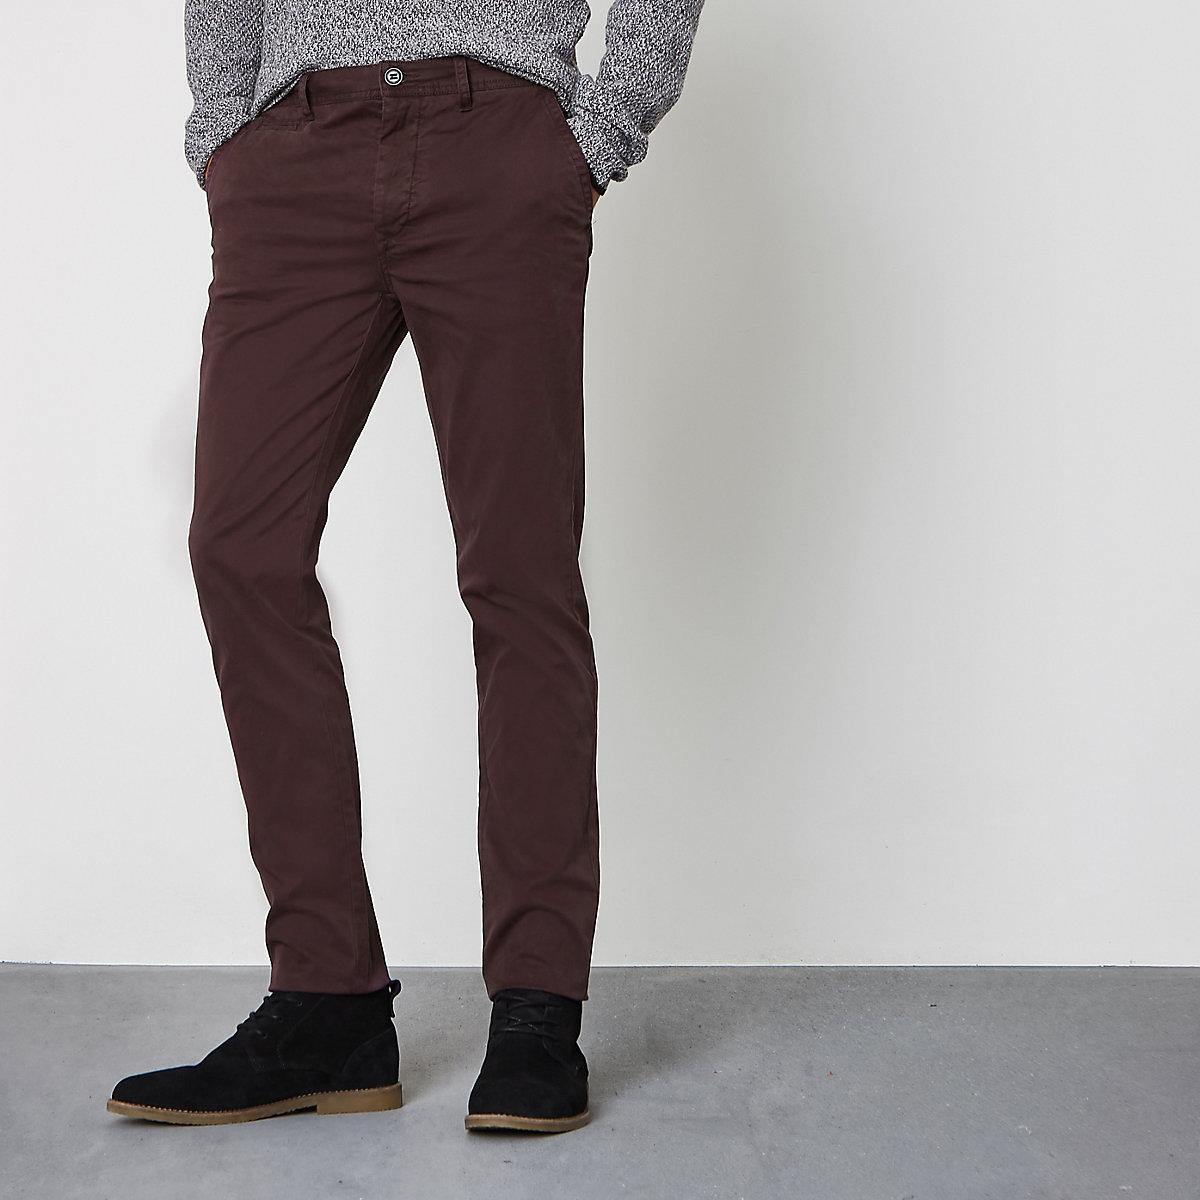 Dark red skinny chino pants